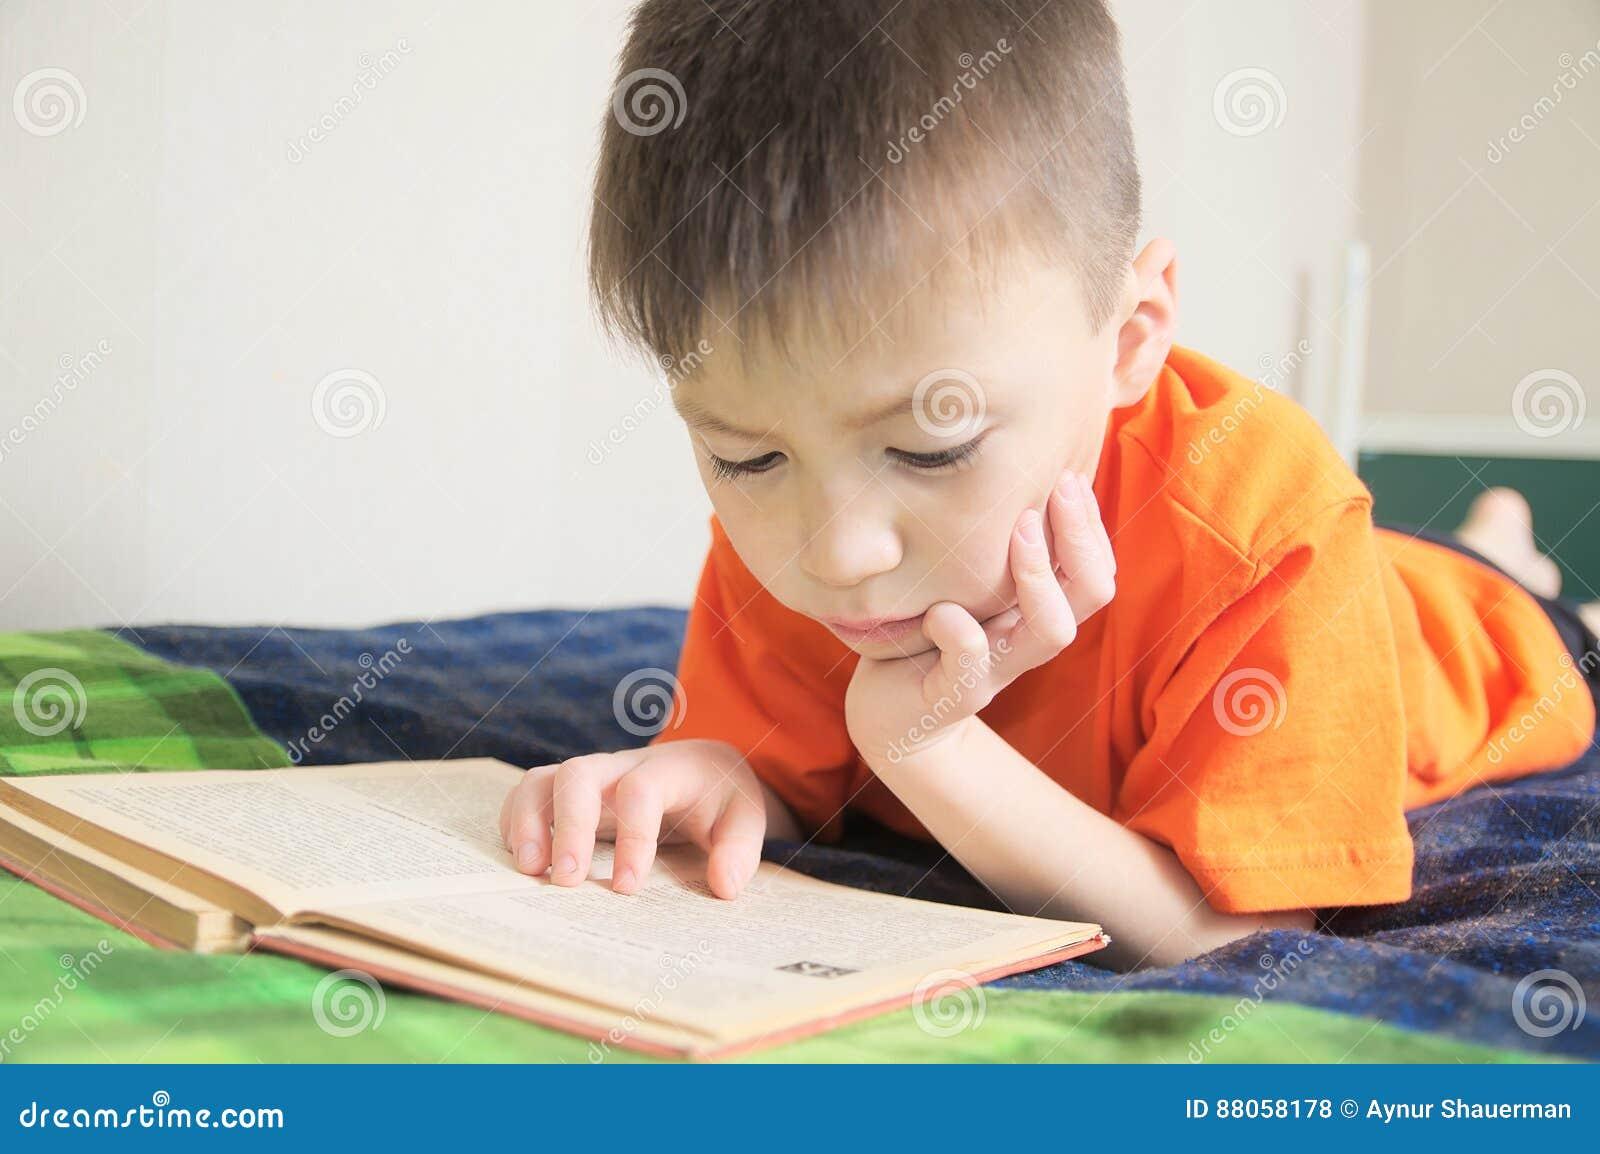 Niños educación, libro de lectura del muchacho que miente en la cama, retrato del niño que sonríe con el libro, educación, guión